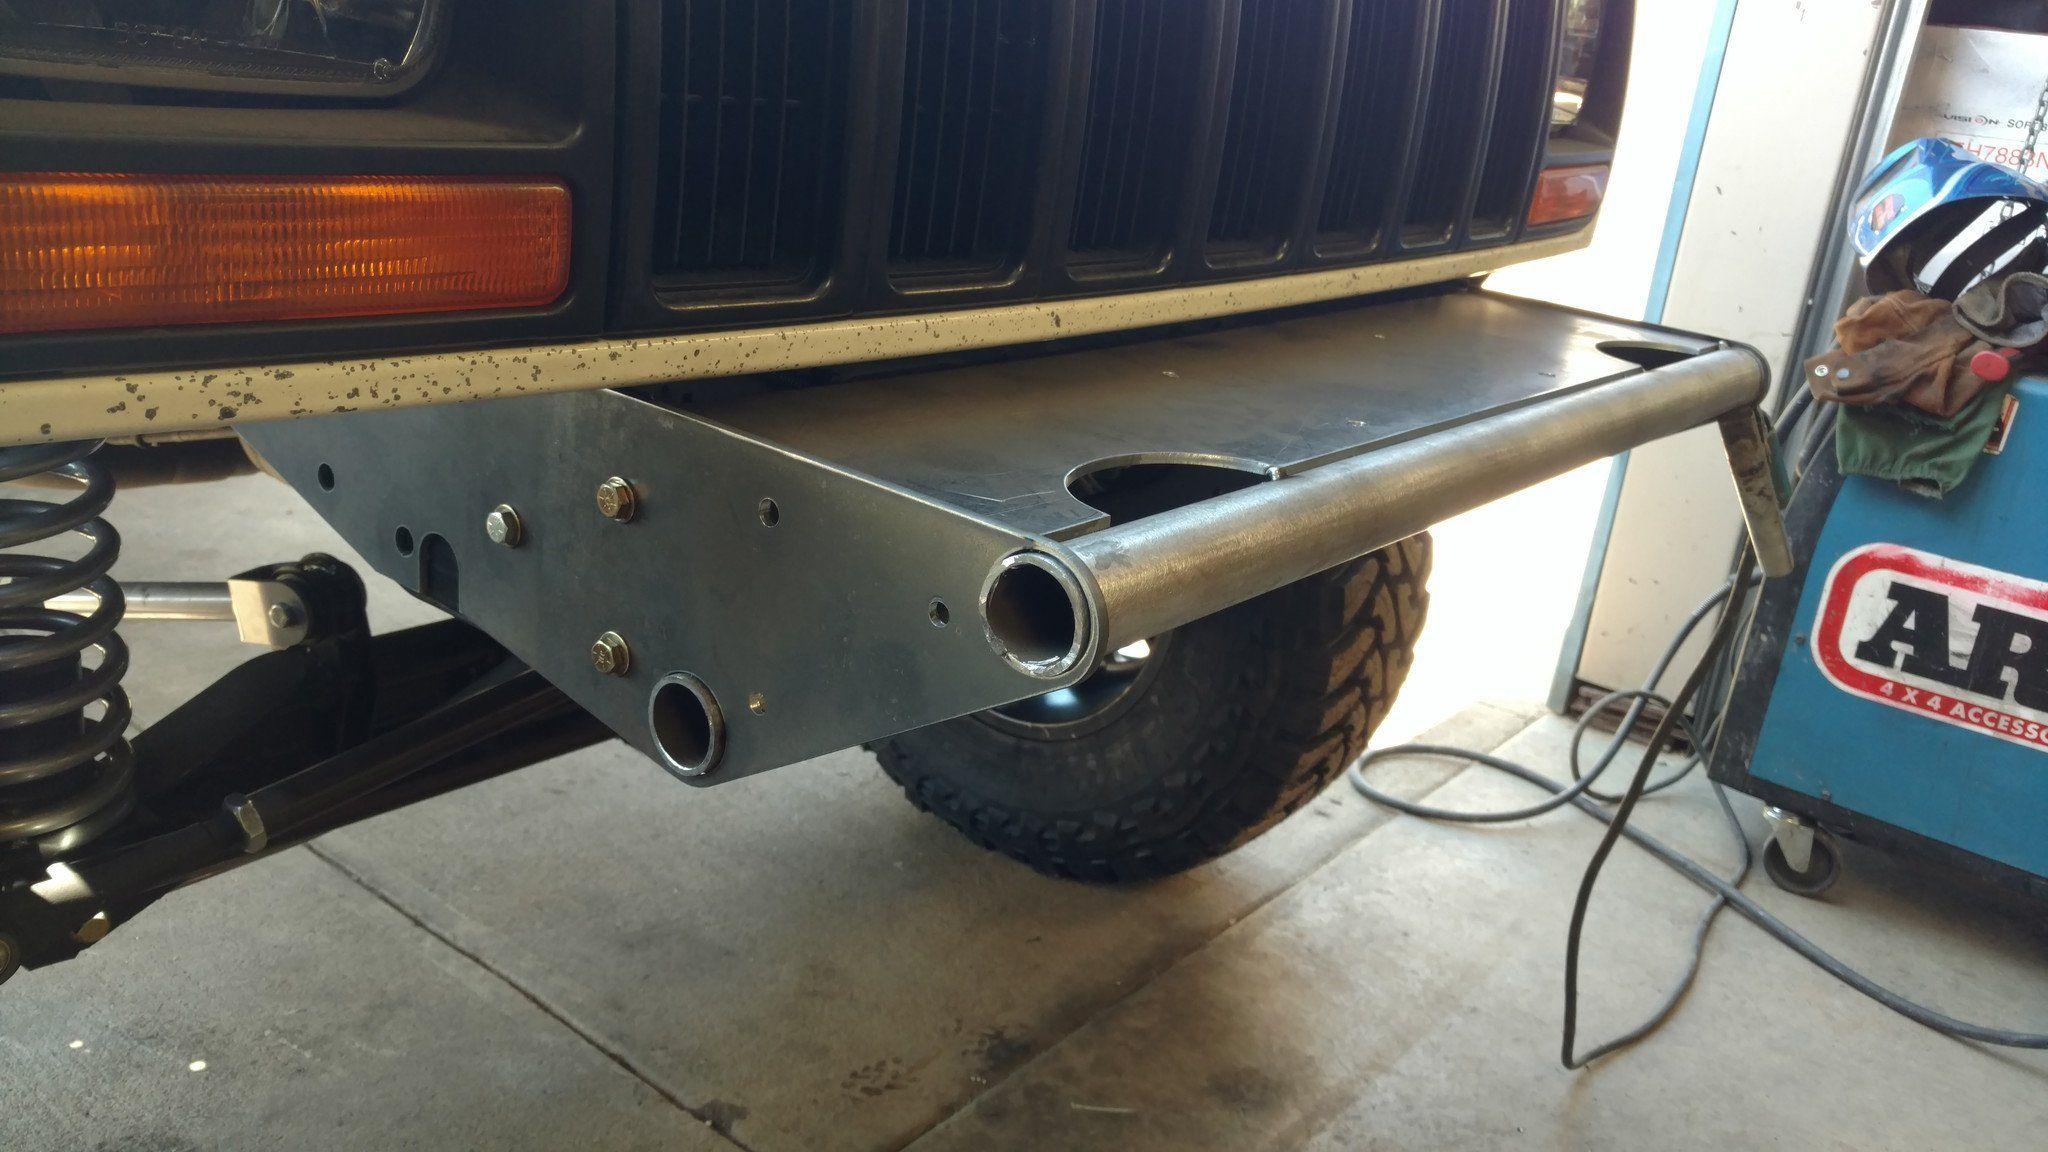 Jeep Xj Winch Tube Bumper Builder Brackets In 2020 Jeep Xj Bumpers Winch Bumpers